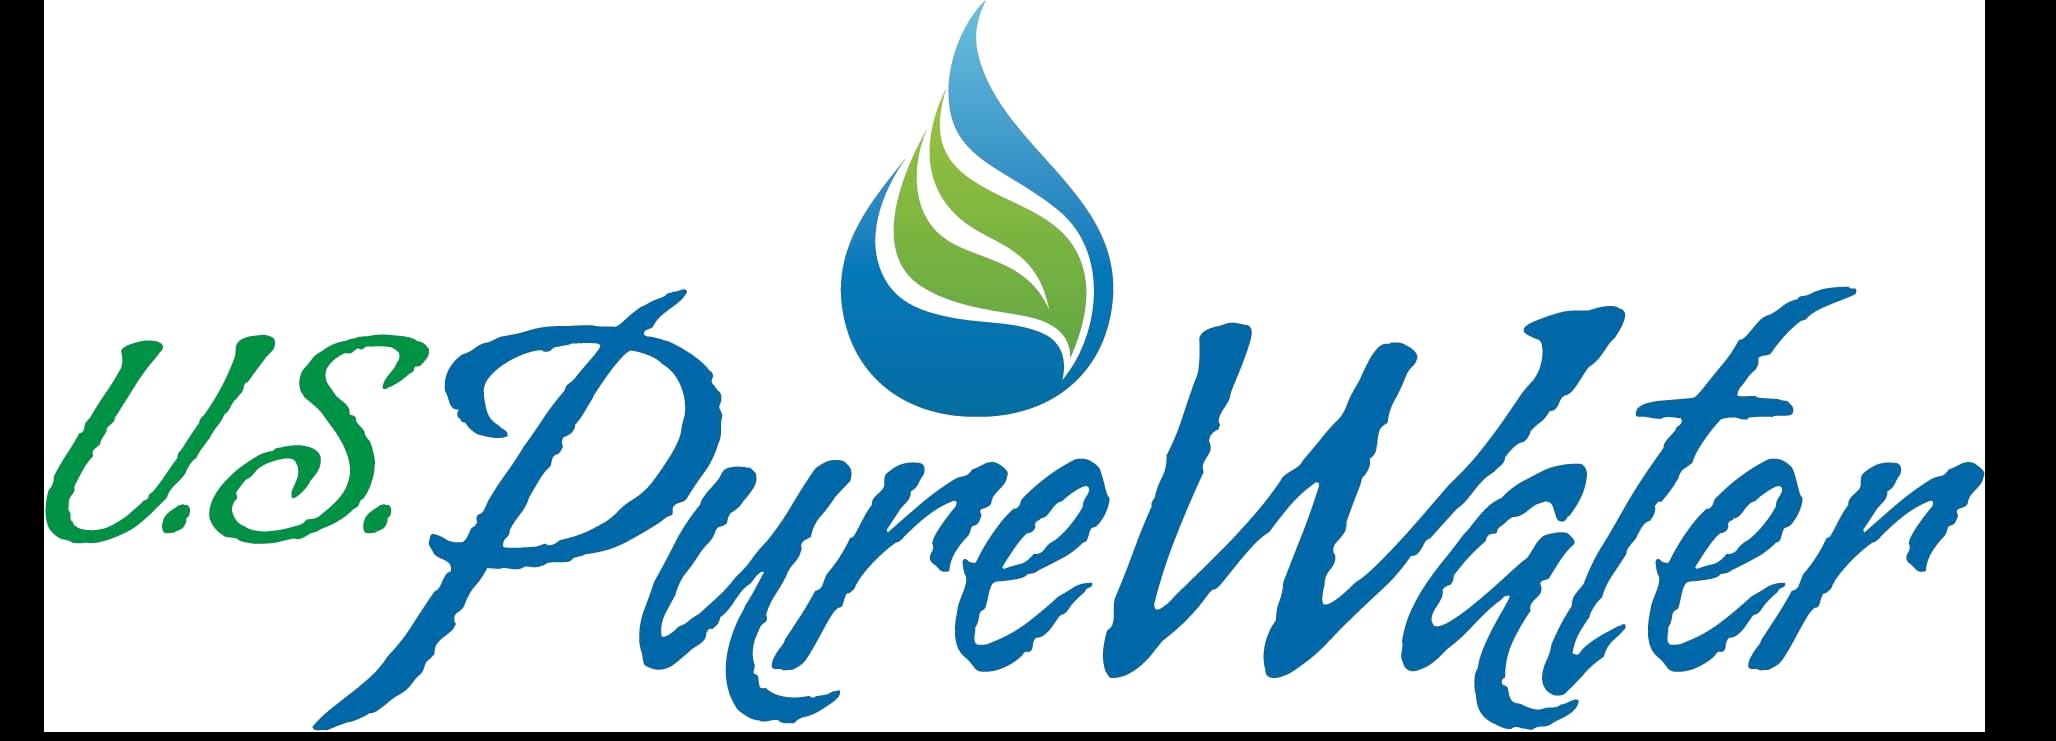 USPW-logo.png